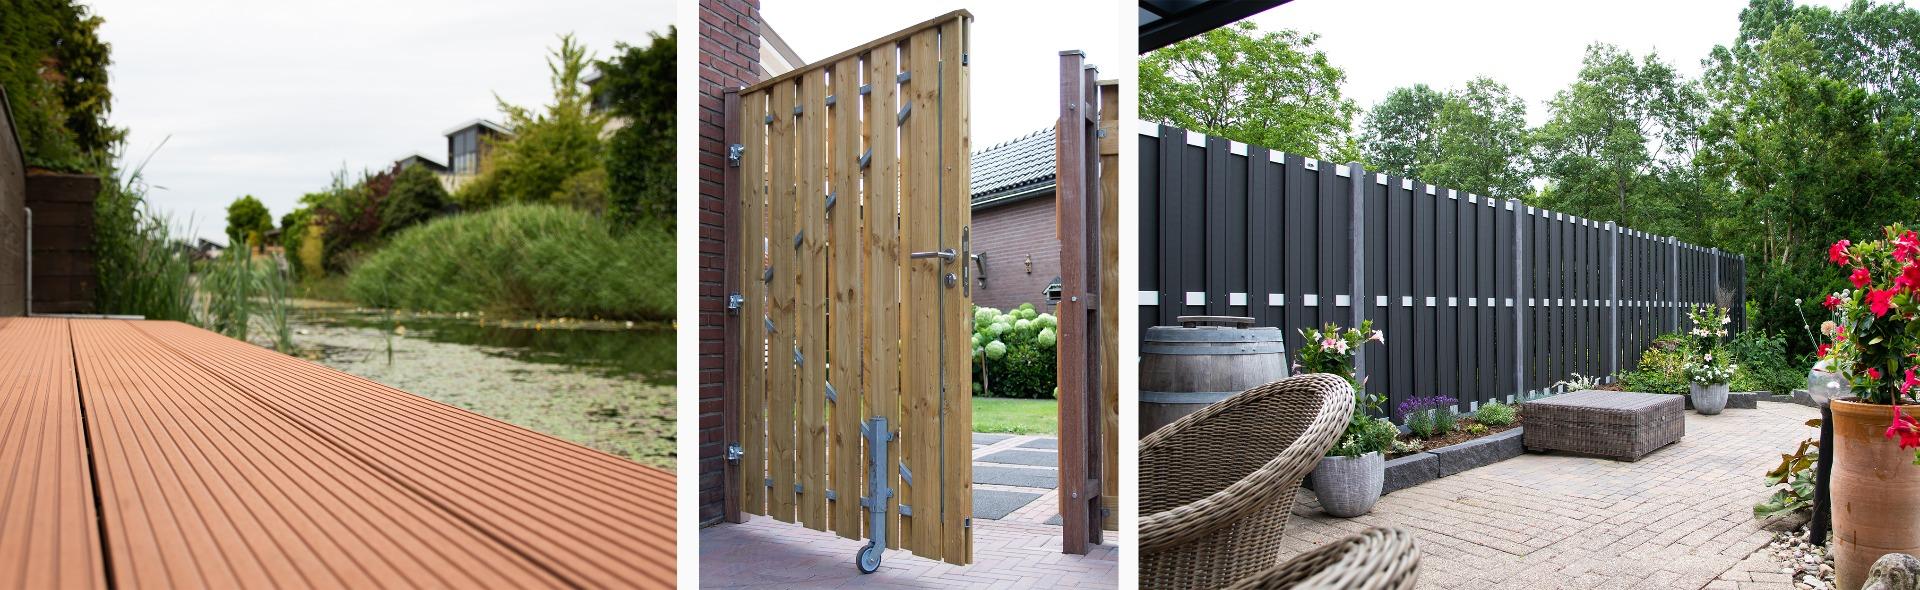 Vacature houtbouwer / timmerman